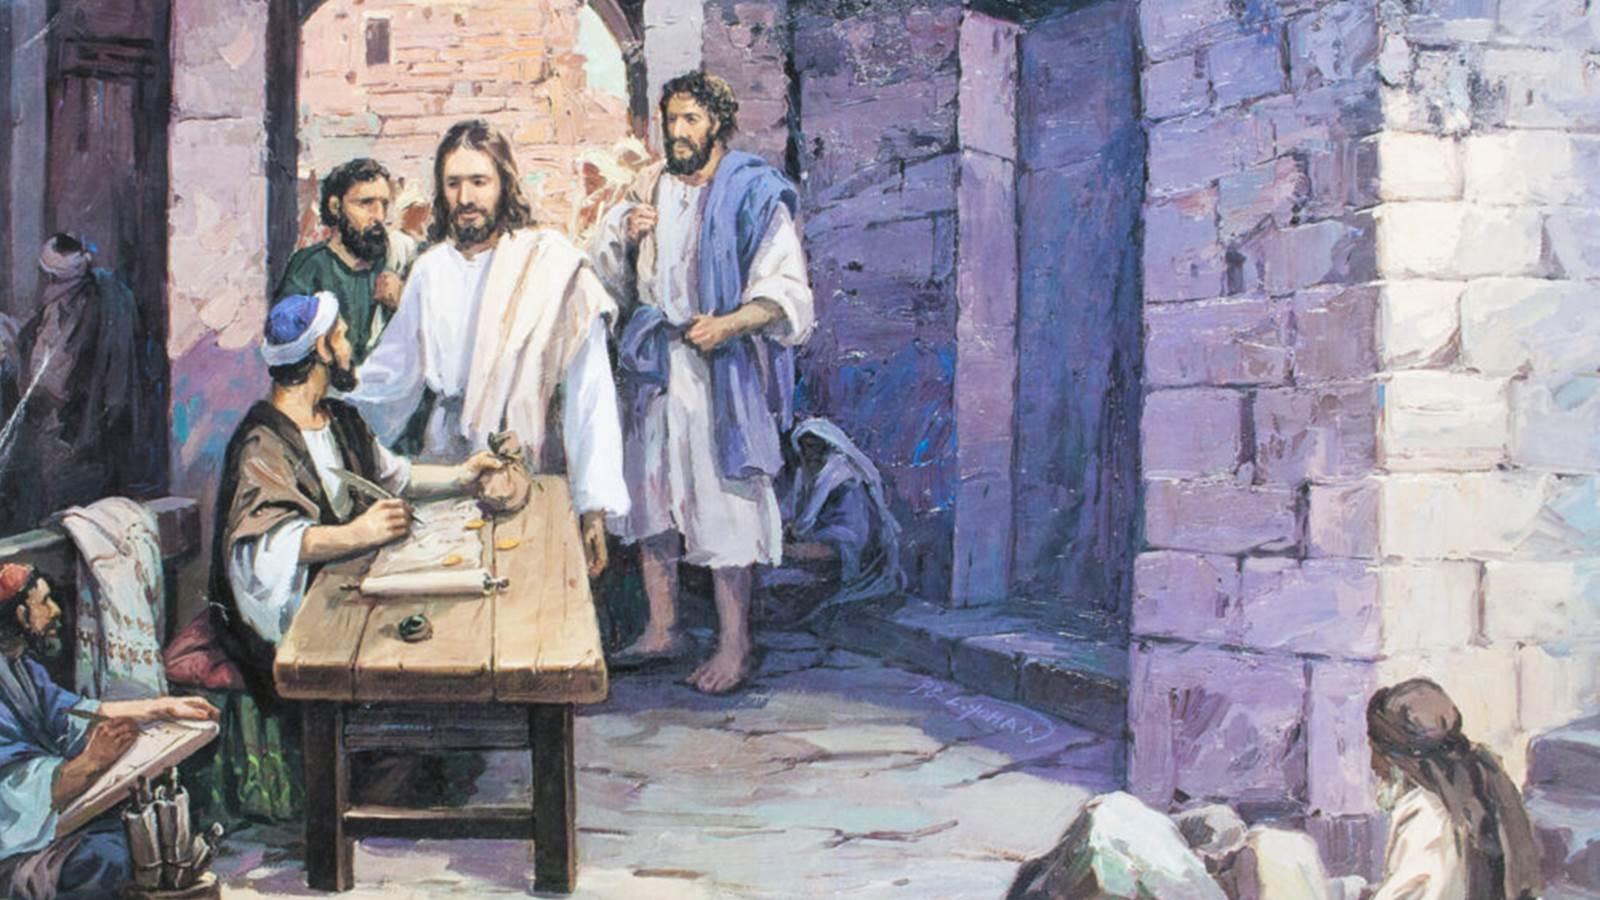 Kêu gọi người tội lỗi (16.01.2021 – Thứ Bảy Tuần 1 TN)